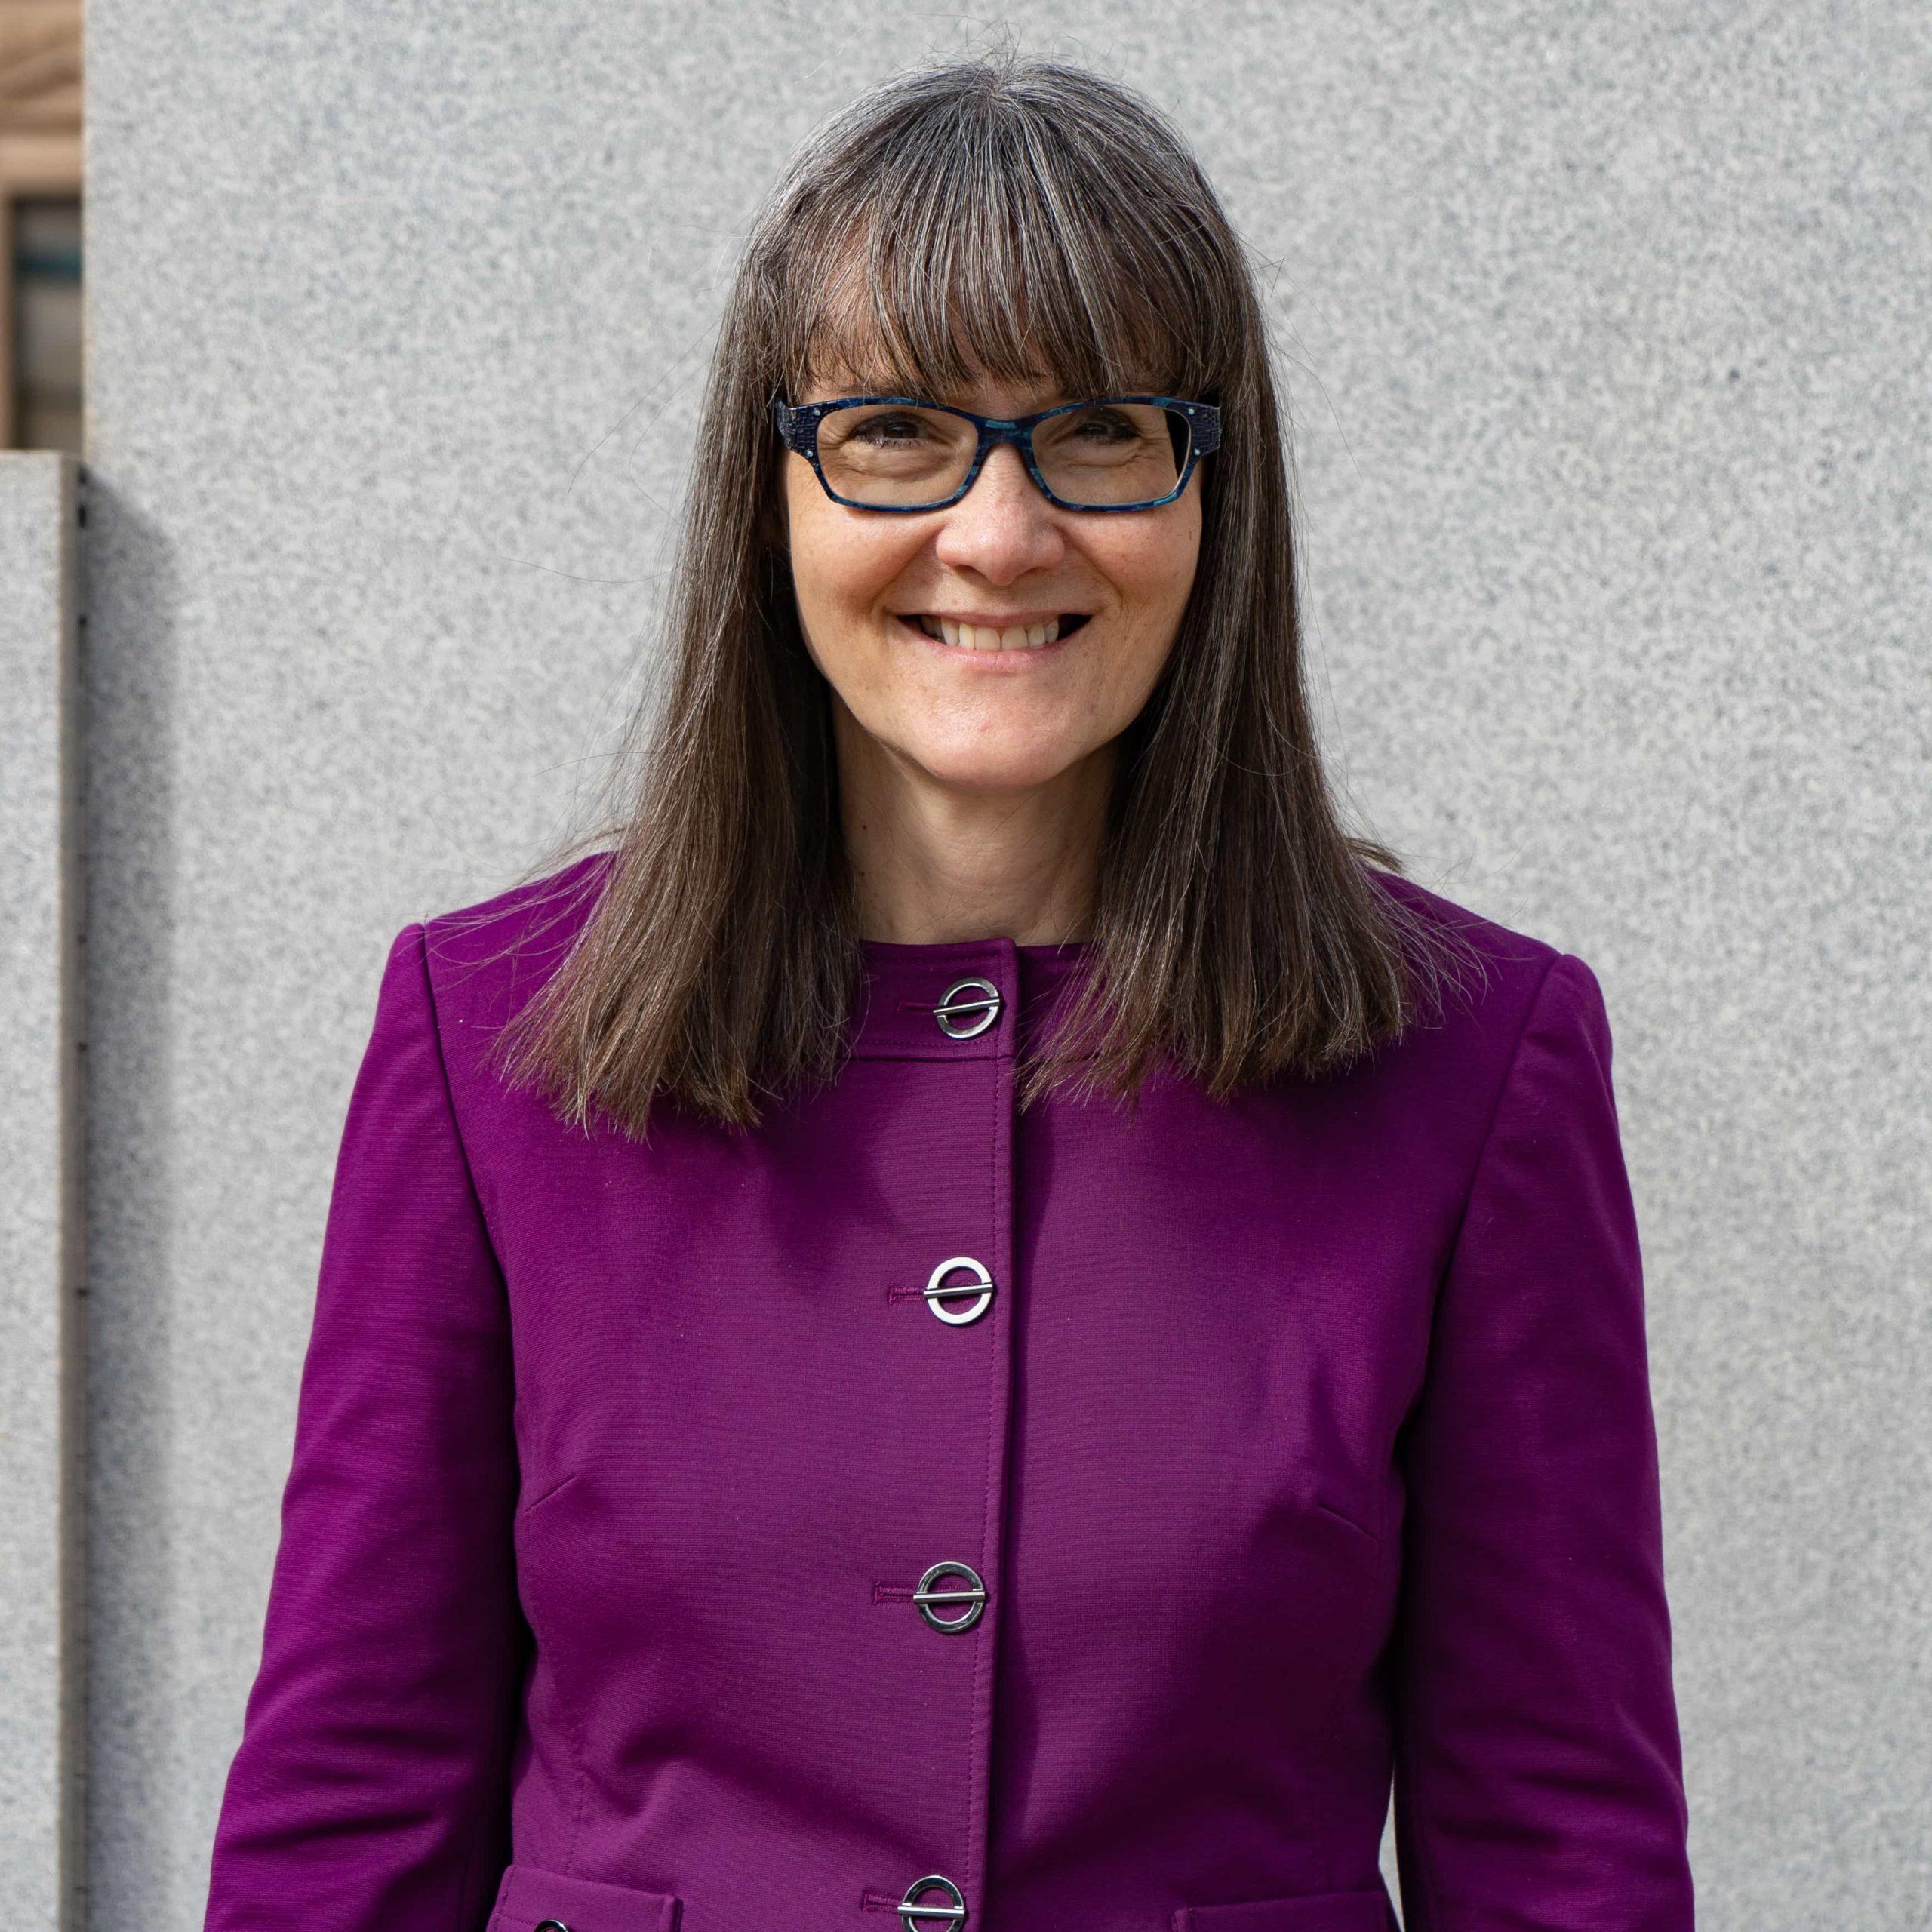 Annette Reichman